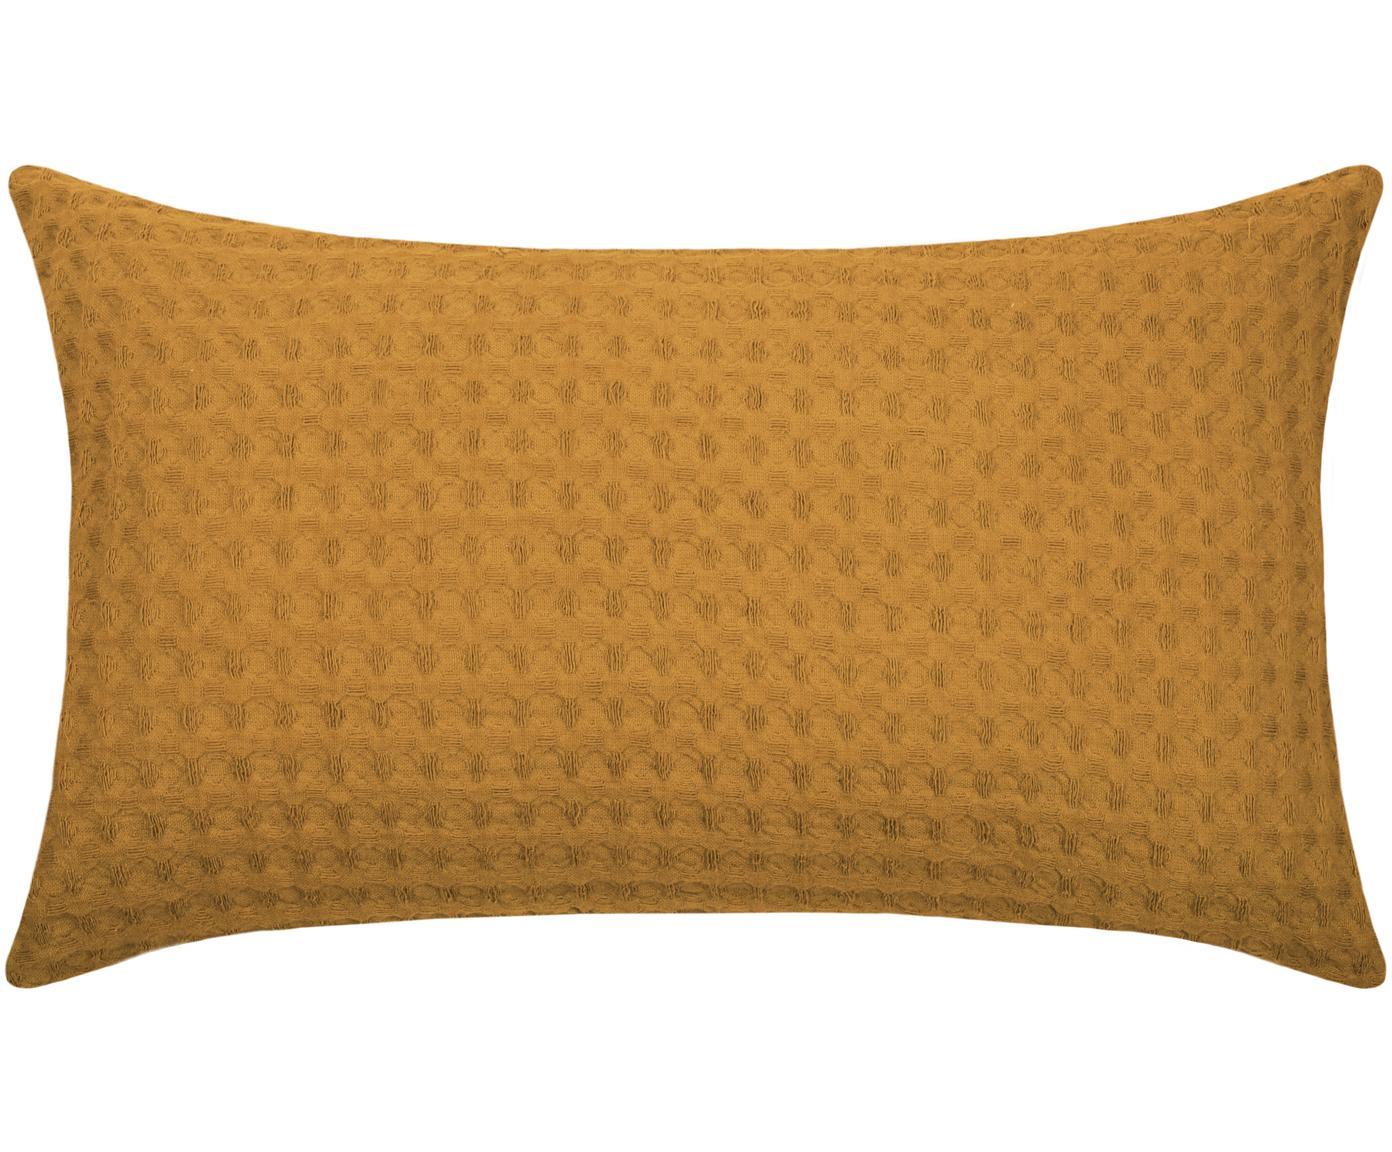 Waffelpiqué-Kissen Gopher in Senfgelb, mit Inlett, Bezug: 100% Baumwolle, Senfgelb, 30 x 50 cm